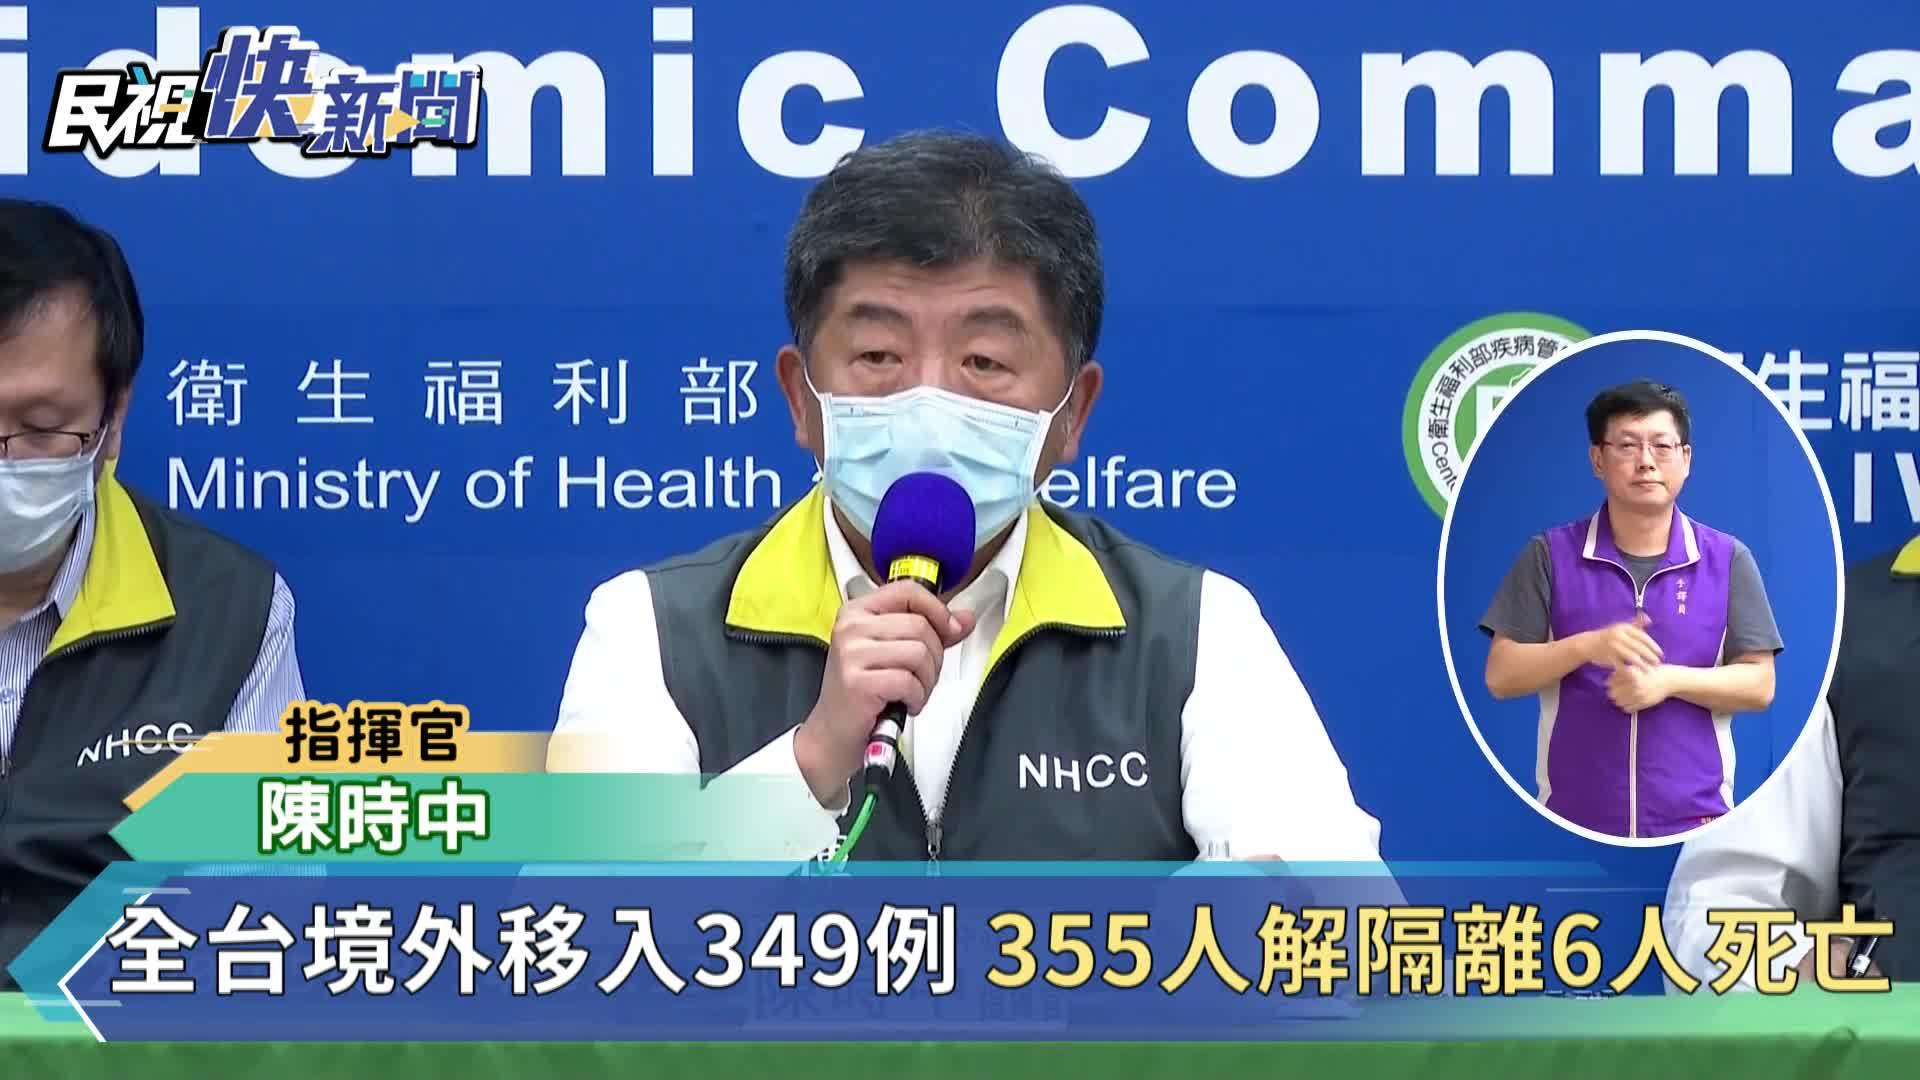 快新聞/台灣今天再現「0確診」! 已連續26天無本土病例 國內累計440例